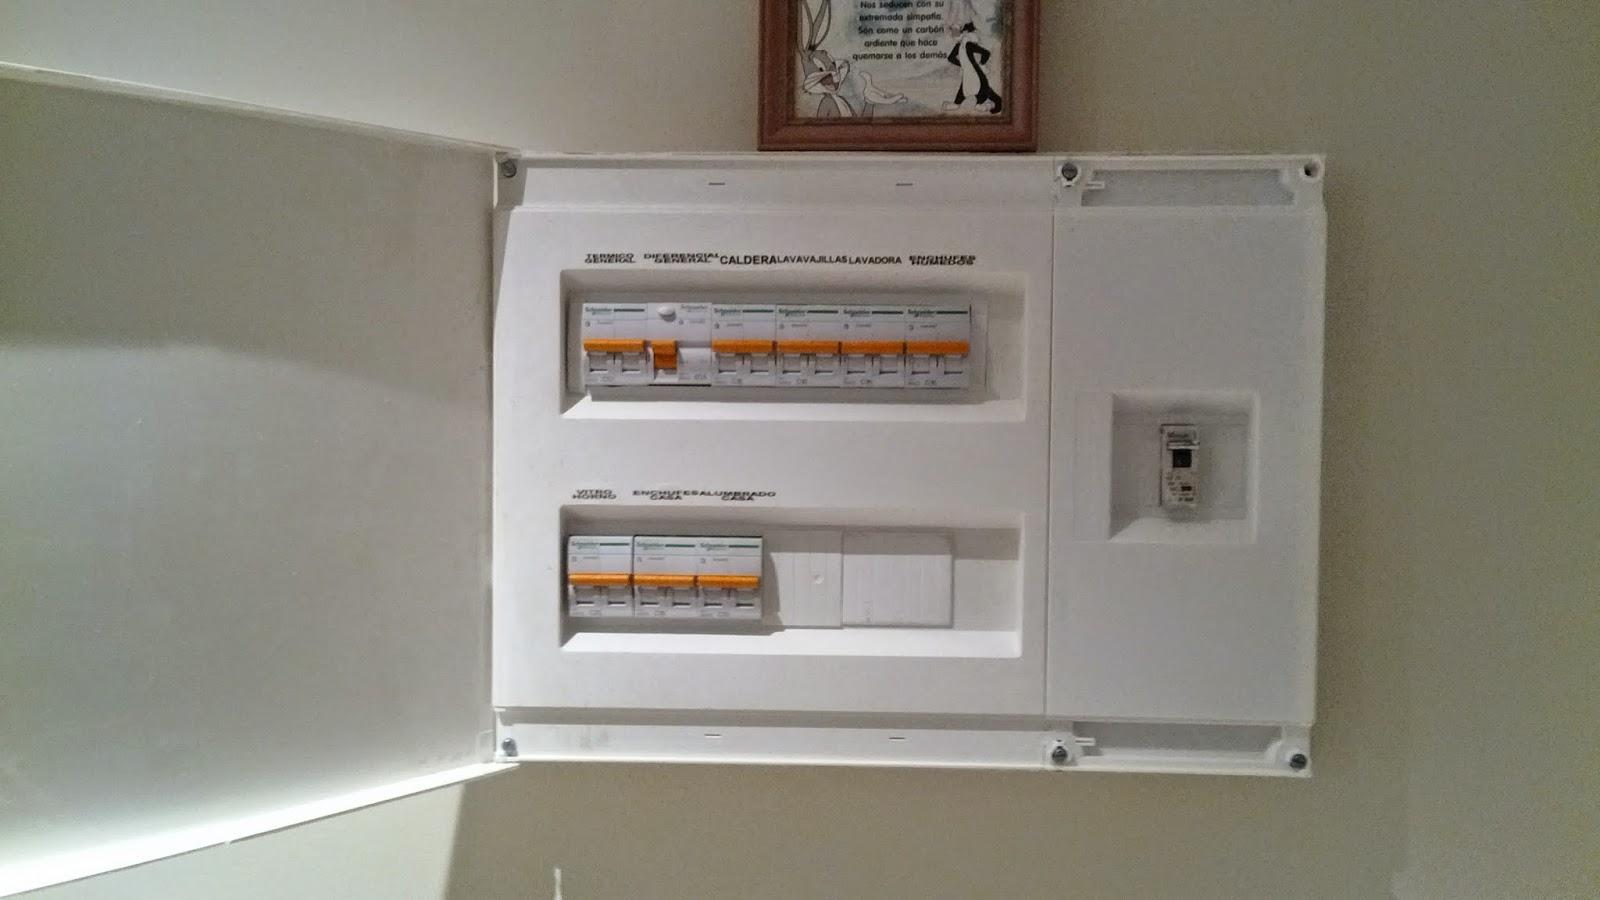 Abt electricidad s l for Cuadro electrico de una vivienda